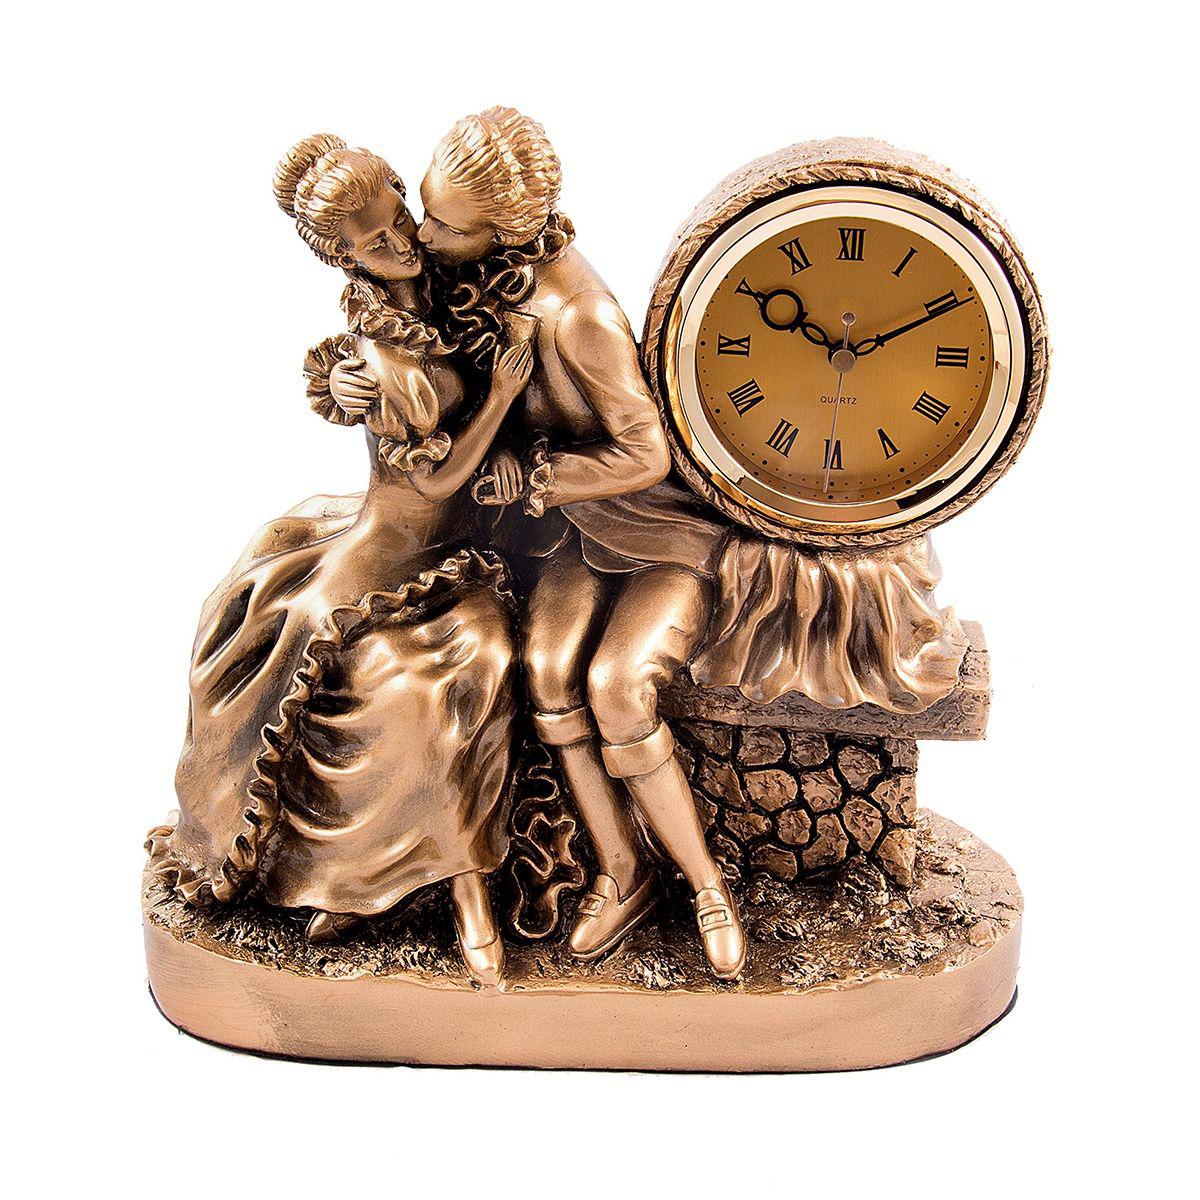 Часы настольные Русские Подарки Влюбленные, 29 х 15 х 29 см. 5933259332Настольные часы Русские подарки Влюбленные - очень оригинальные и стильные настольные часы. Корпус выполнен из полистоуна. Они прекрасно впишутся практически в любой интерьер и станут превосходным украшением вашей комнаты. Это красивый и практичный подарок на любое торжество для родных и близких.